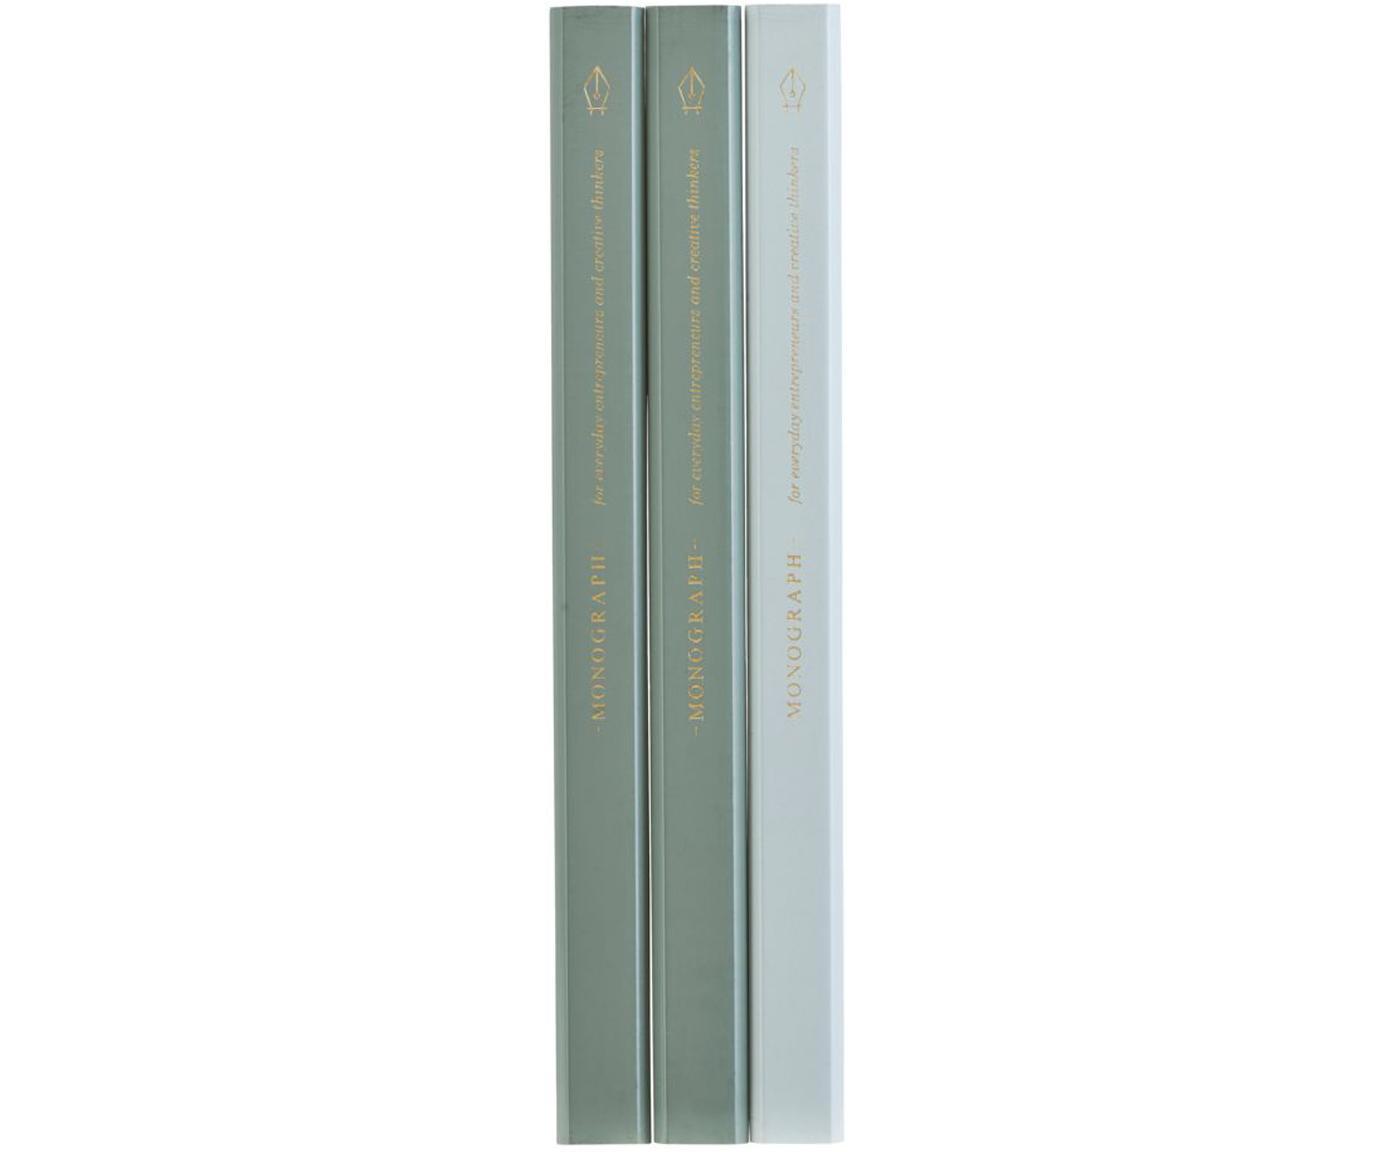 Komplet ołówków Carpenter, 3 elem., Drewno naturalne, grafit, Zielony, jasny niebieski, S 2 x D 18 cm